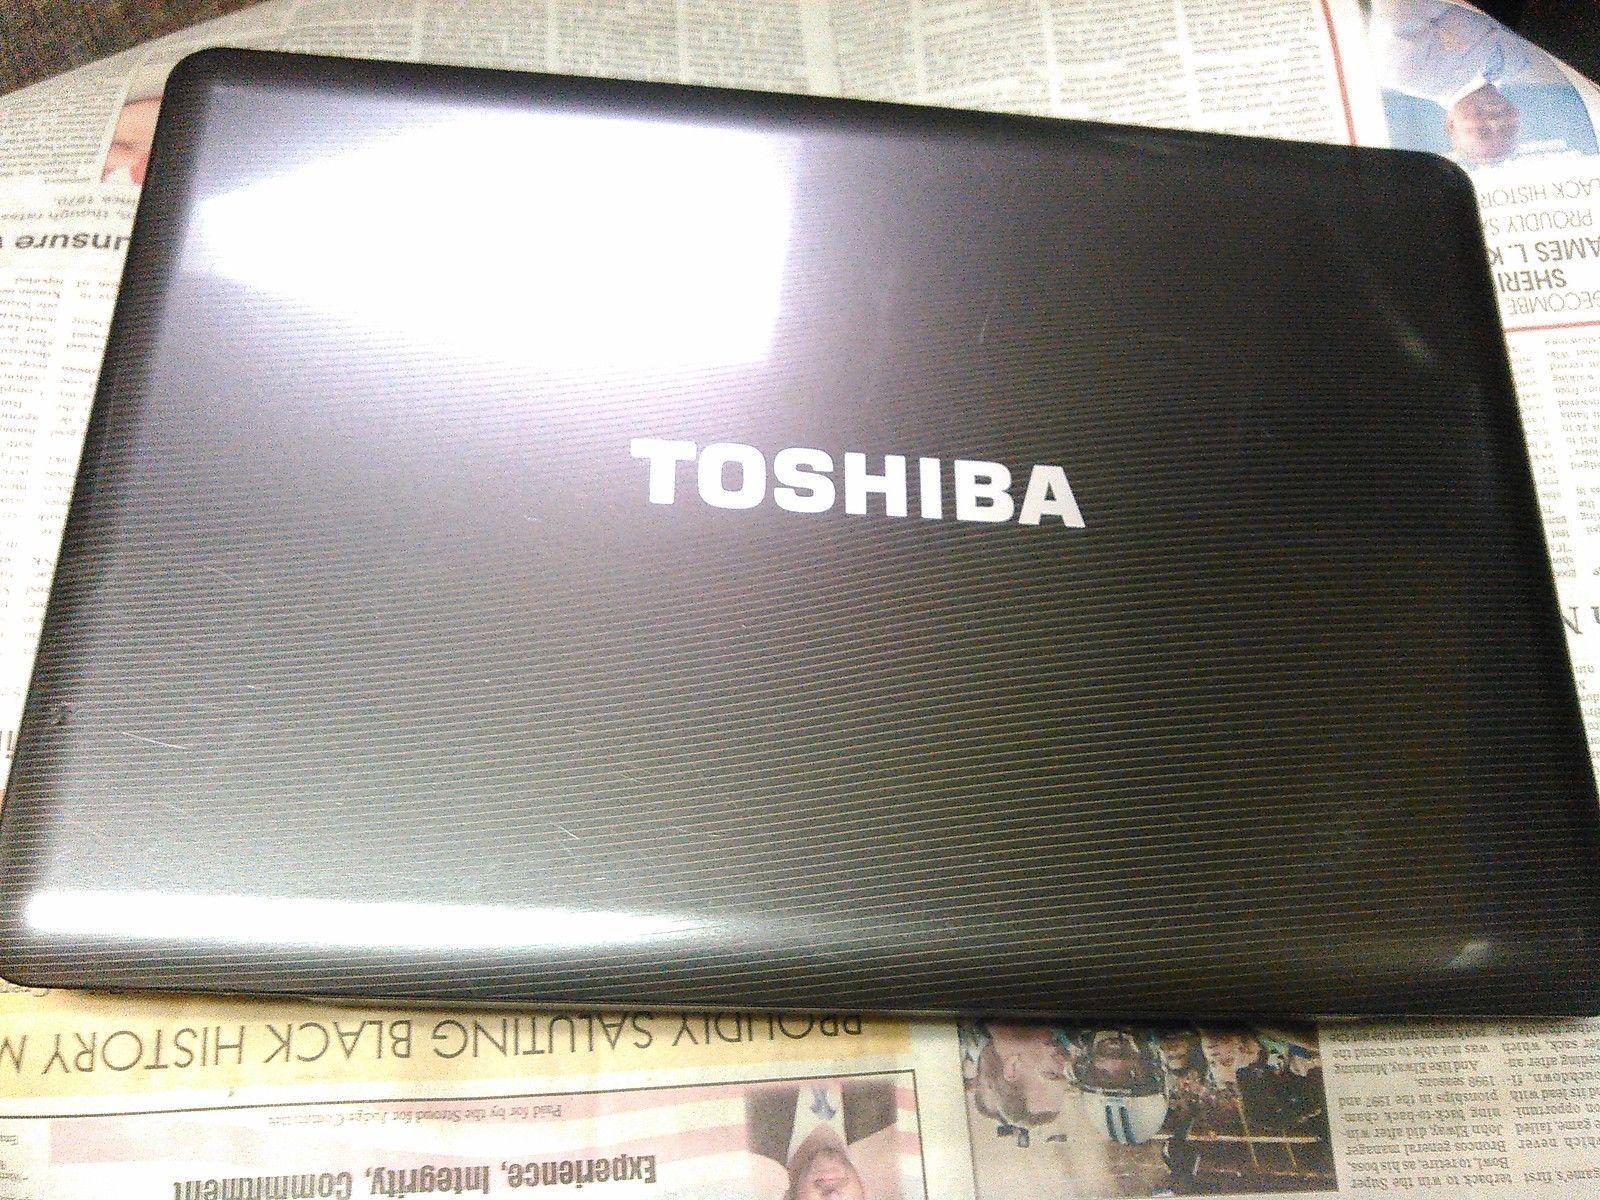 toshiba a505 s6980 manual